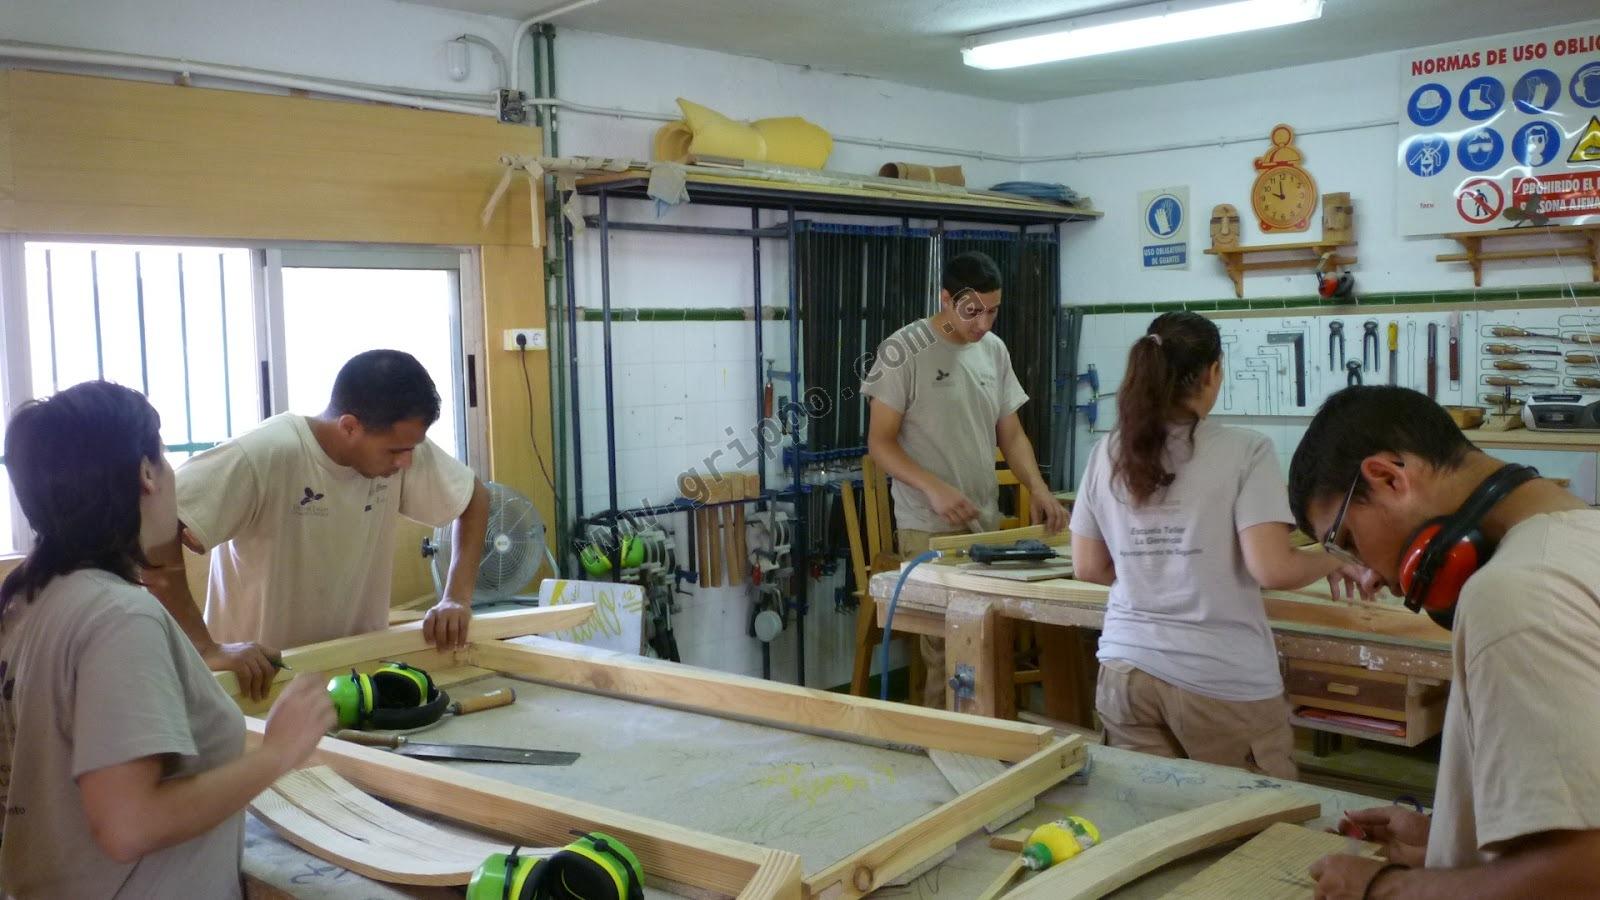 Curso de carpinteria y fabricacion de muebles on line gratis for Cursos de muebleria gratis